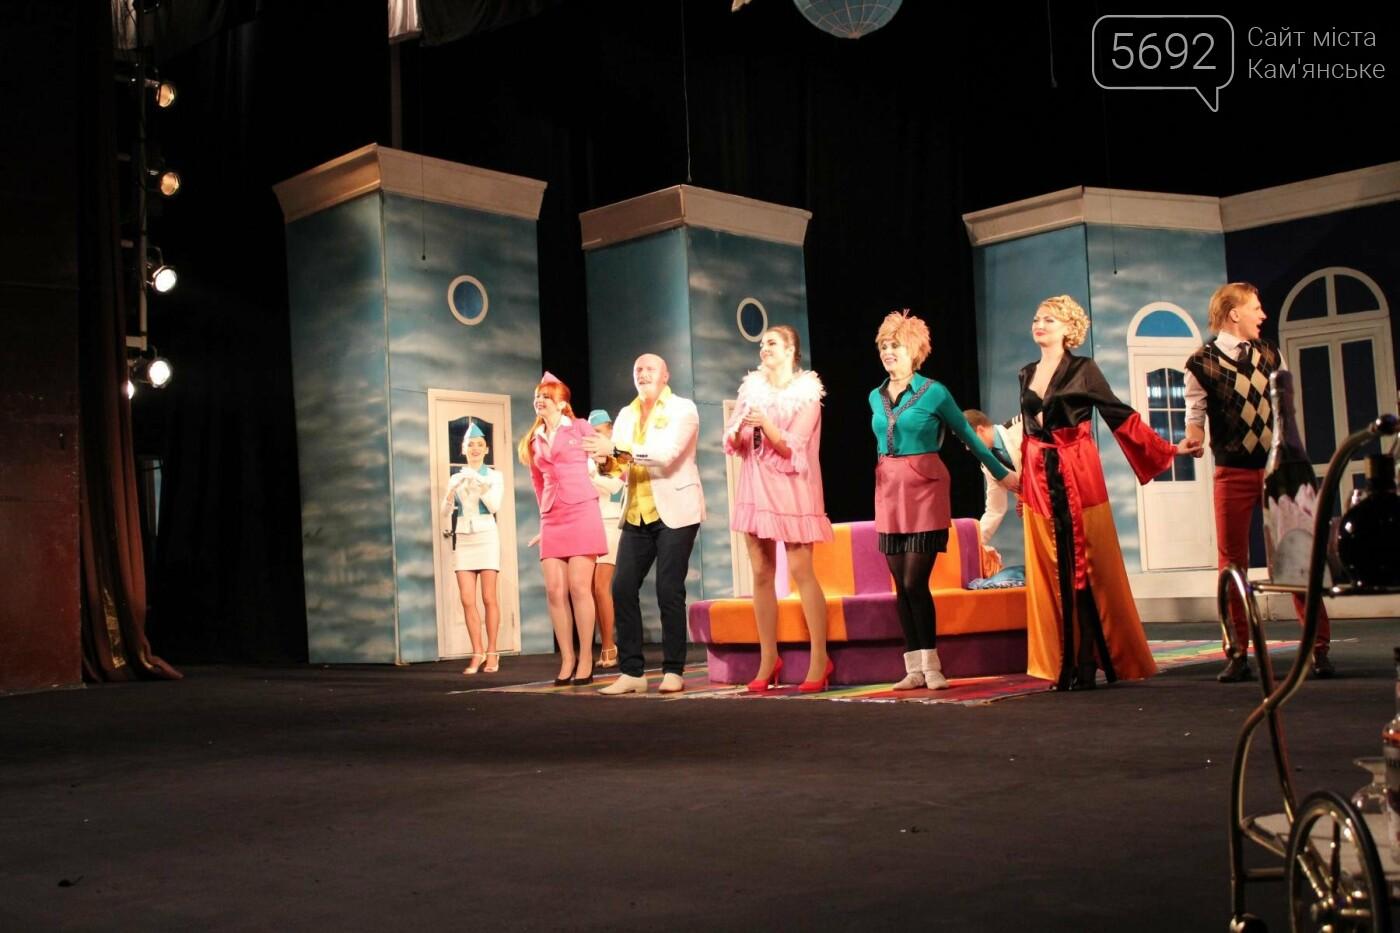 В театре Каменского показали «Улетную любовь» , фото-1